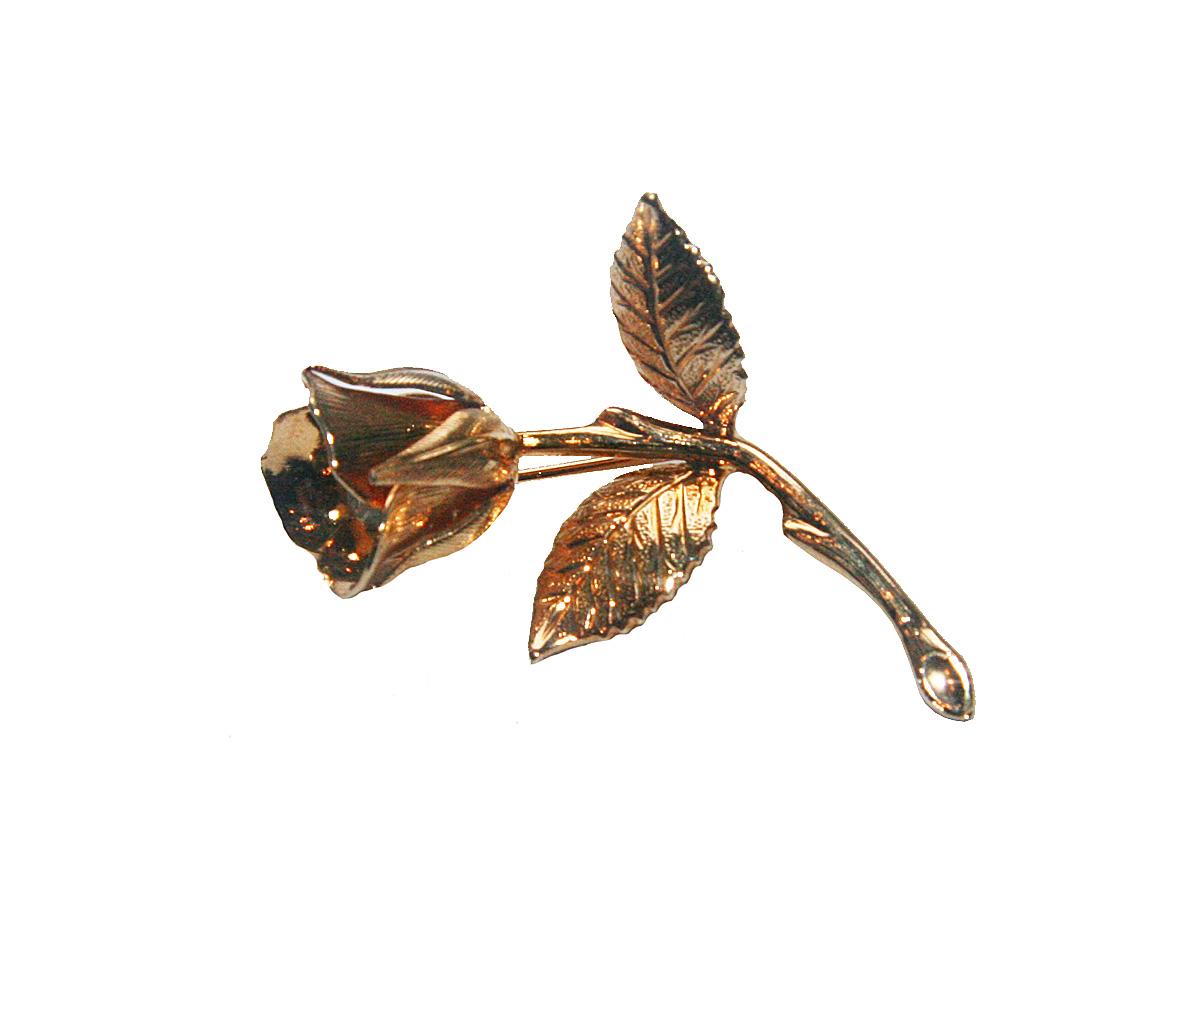 Винтажная брошь Золотая роза. Ювелирный сплав золотого цвета, кристалл. США, 1960-е годыБрошь-булавкаВинтажная брошь Золотая роза. Ювелирный сплав золотого цвета, кристалл. США, 1960-е годы. Размер броши 2,5 х 4,5 см. Сохранность отличная. Внутри бутона расположен переливающийся драгоценным сиянием кристалл. Очень красивая винтажная брошь! Четкая детализация, идеальная сохранность!